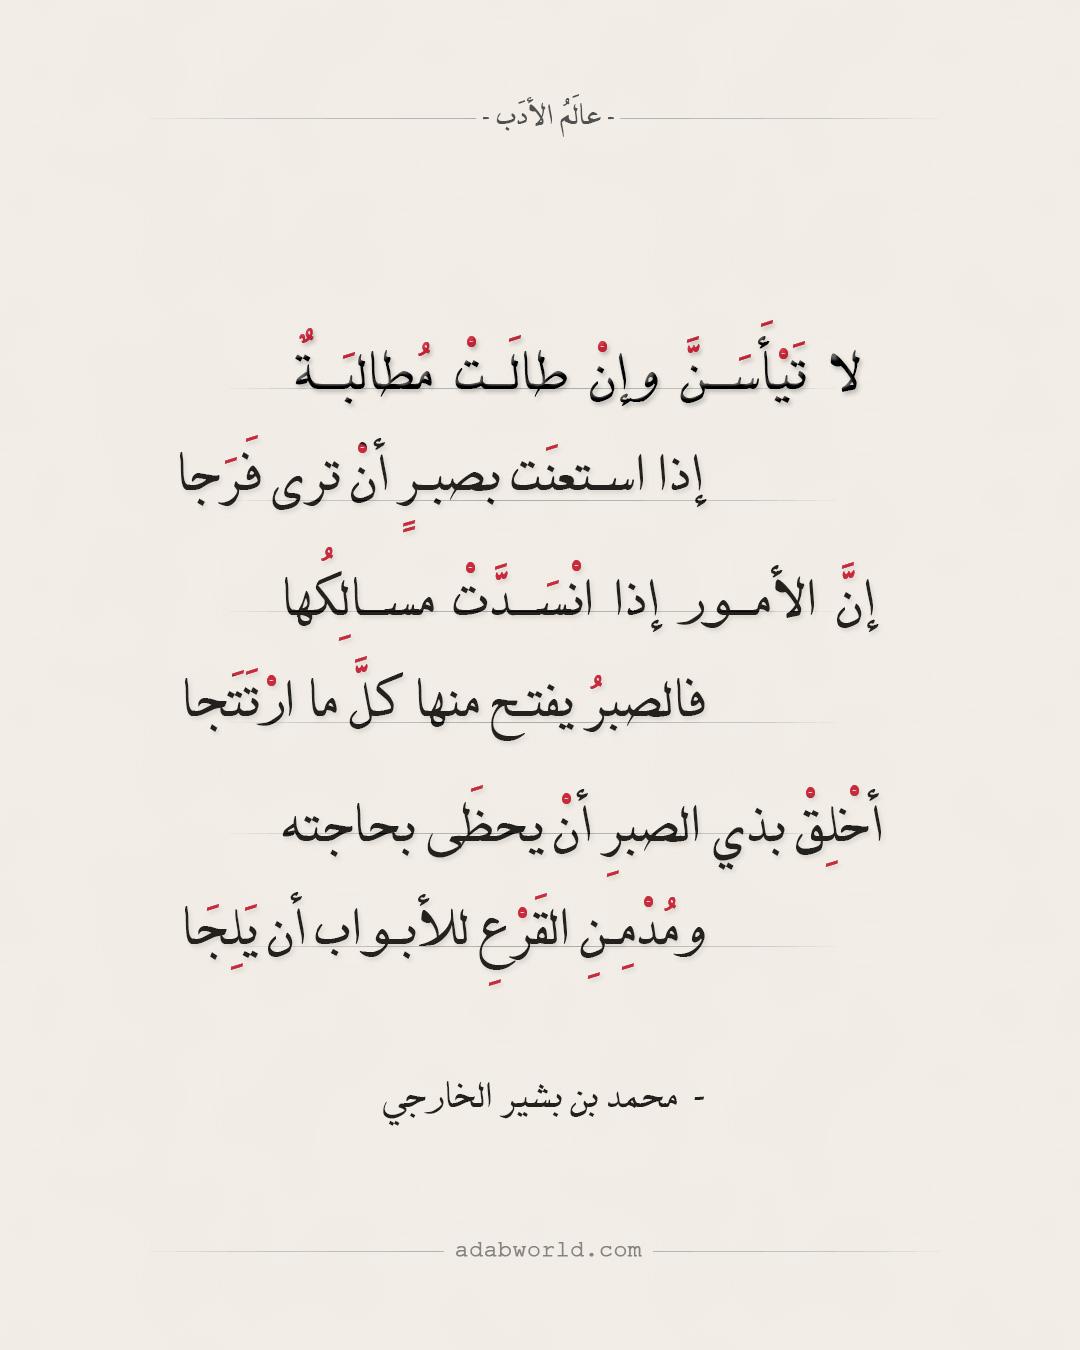 لا تيأسن وإن طالت مطالبة - شعر محمد بن بشير